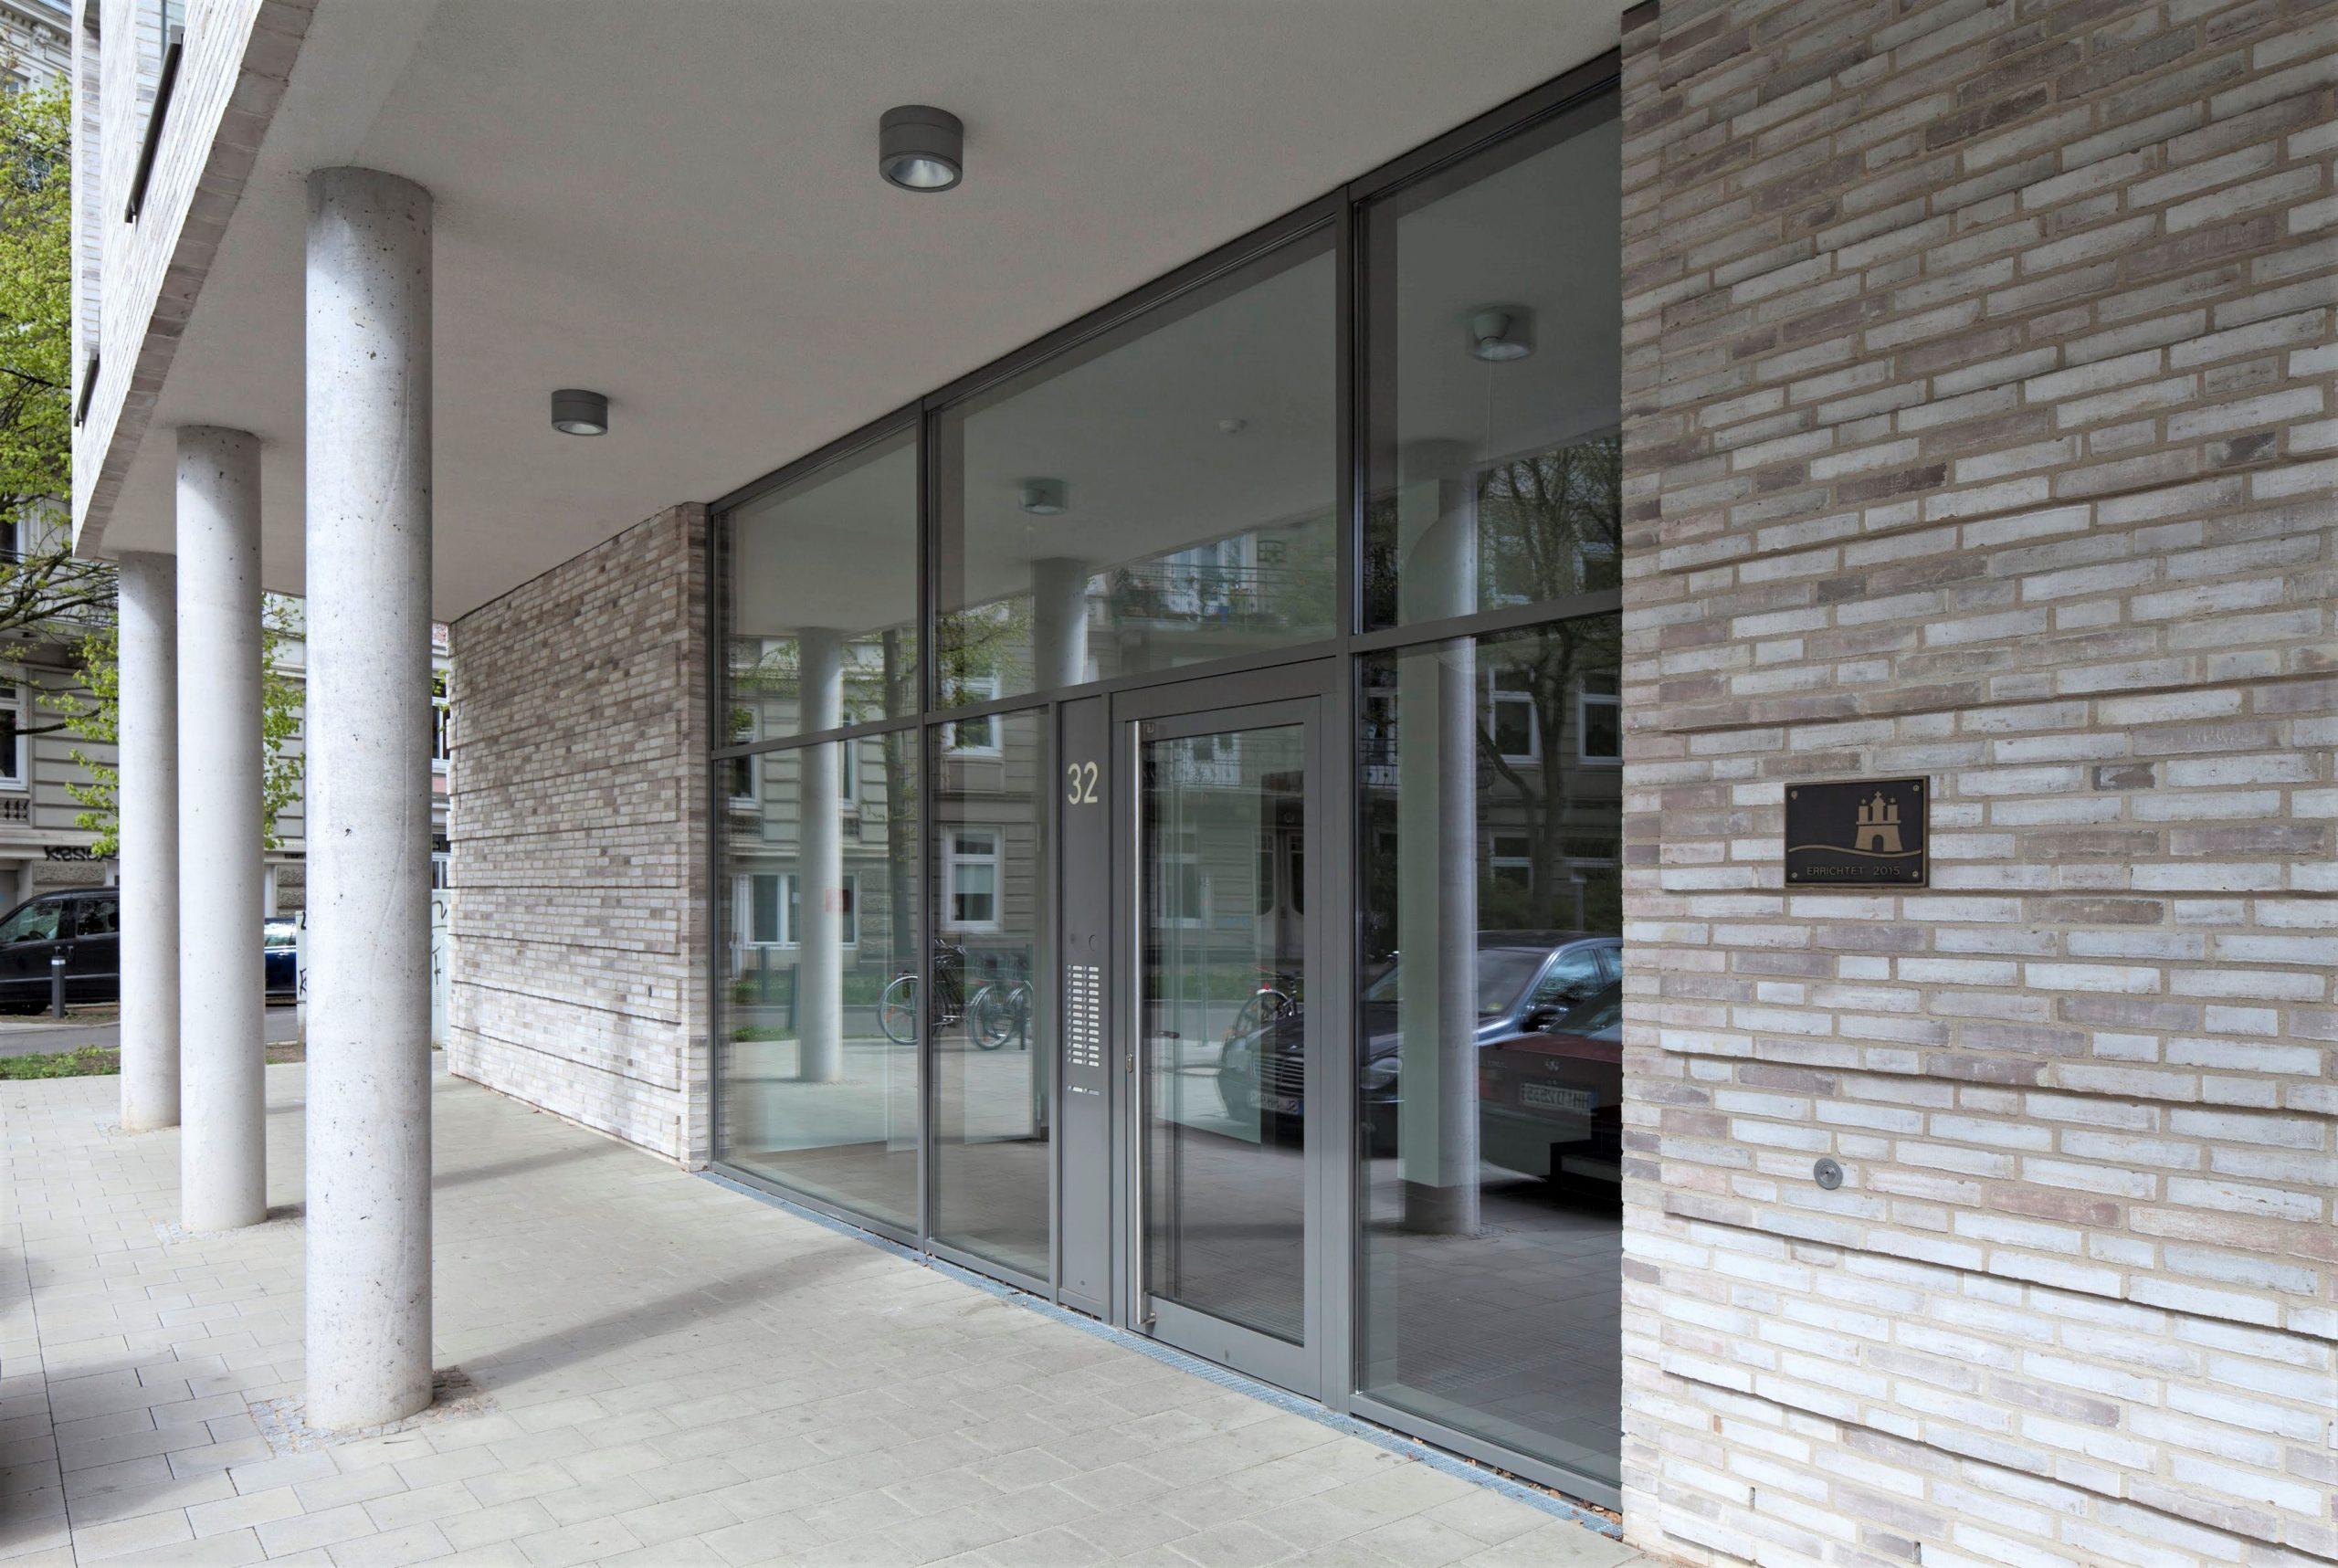 """Der Eingangsbereich des Neubauprojektes """"Wohnen am Eimsbütteler Marktplatz für die Generation 60+"""". Foto: Oliver Heissner"""